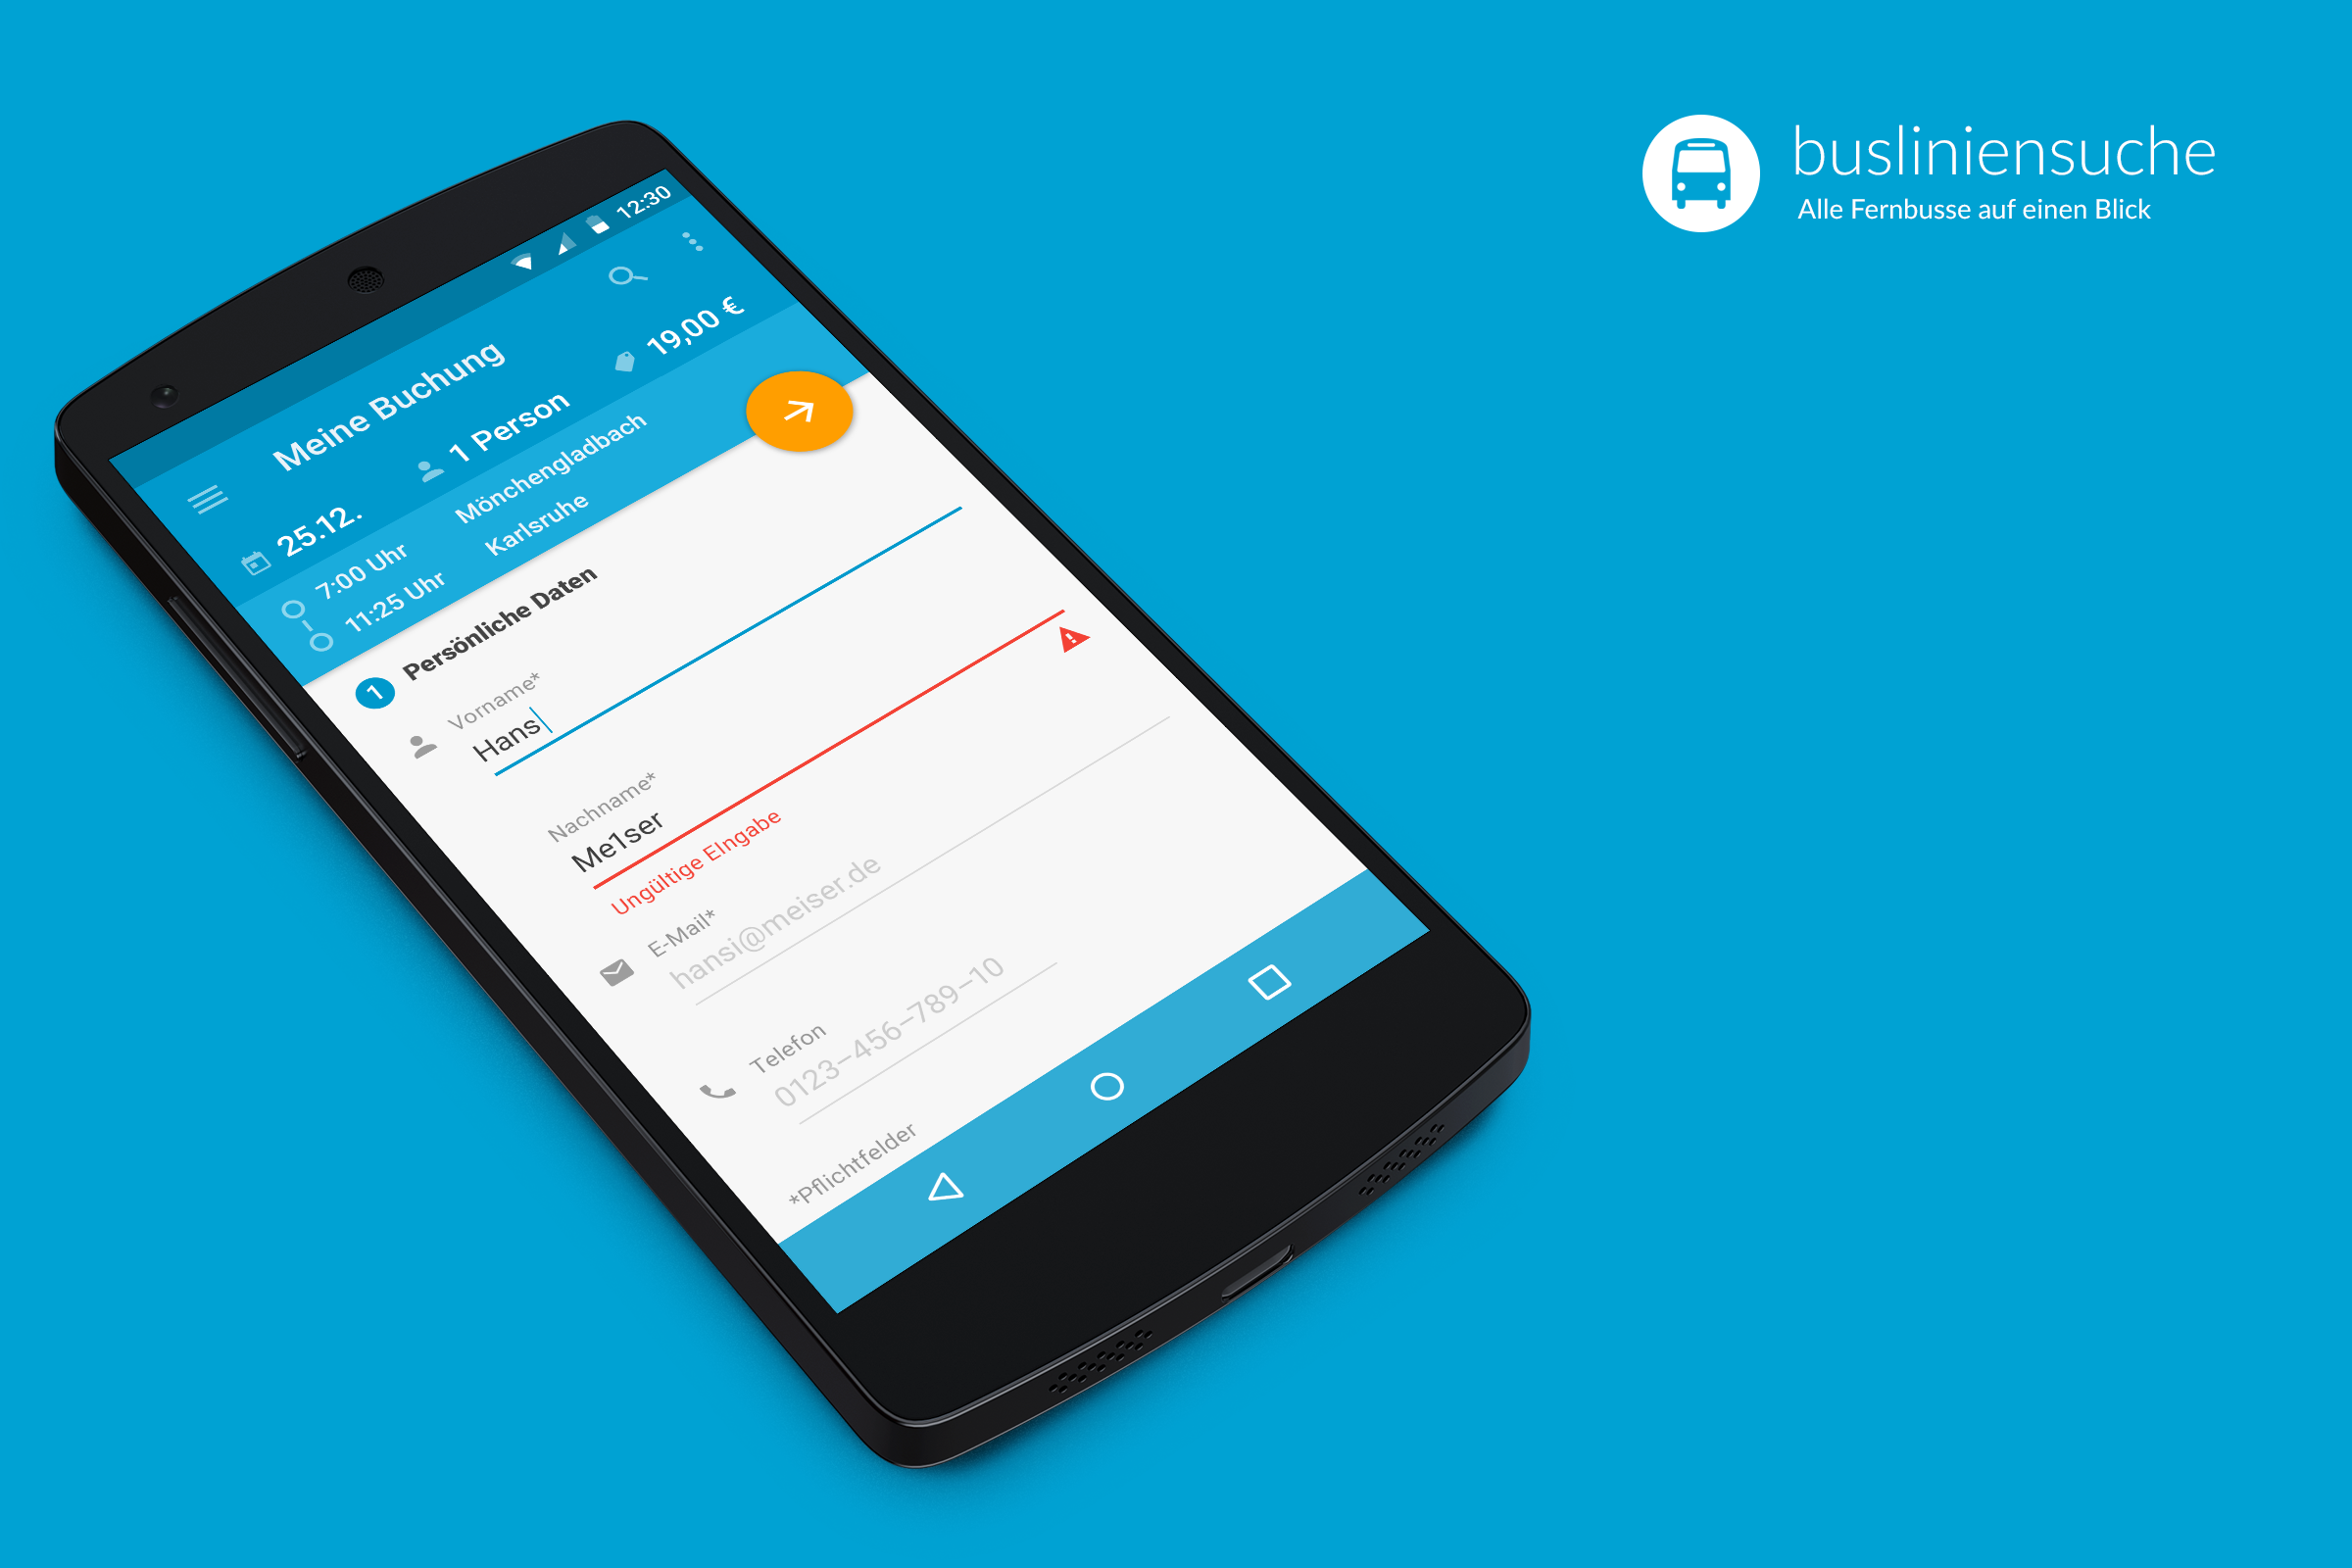 Busliniensuche.de android booking data